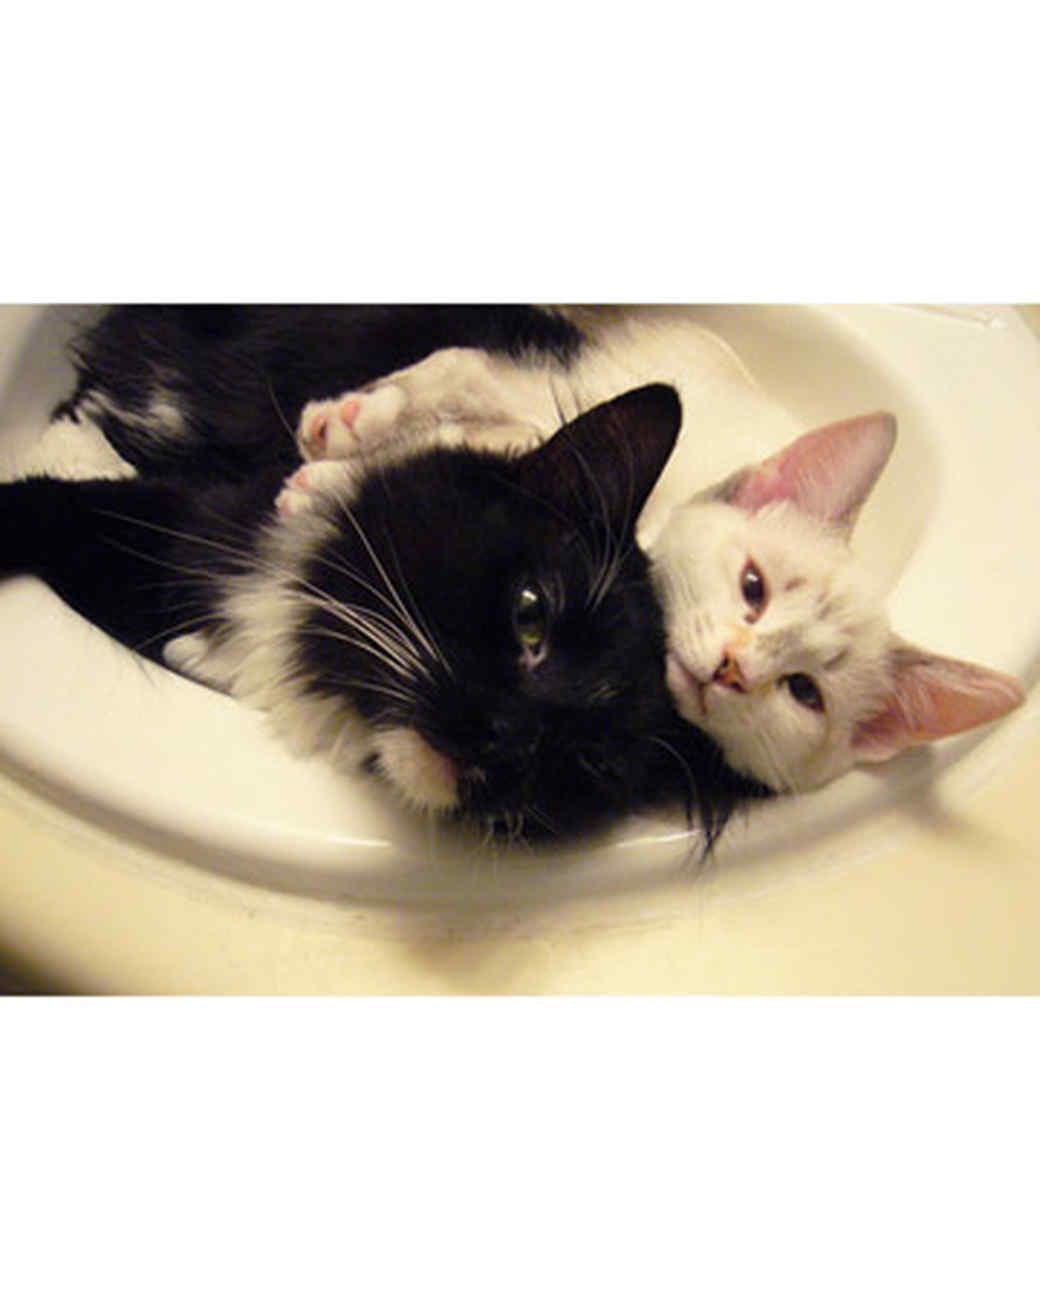 pets_kittens_0610_9500786_23531505.jpg